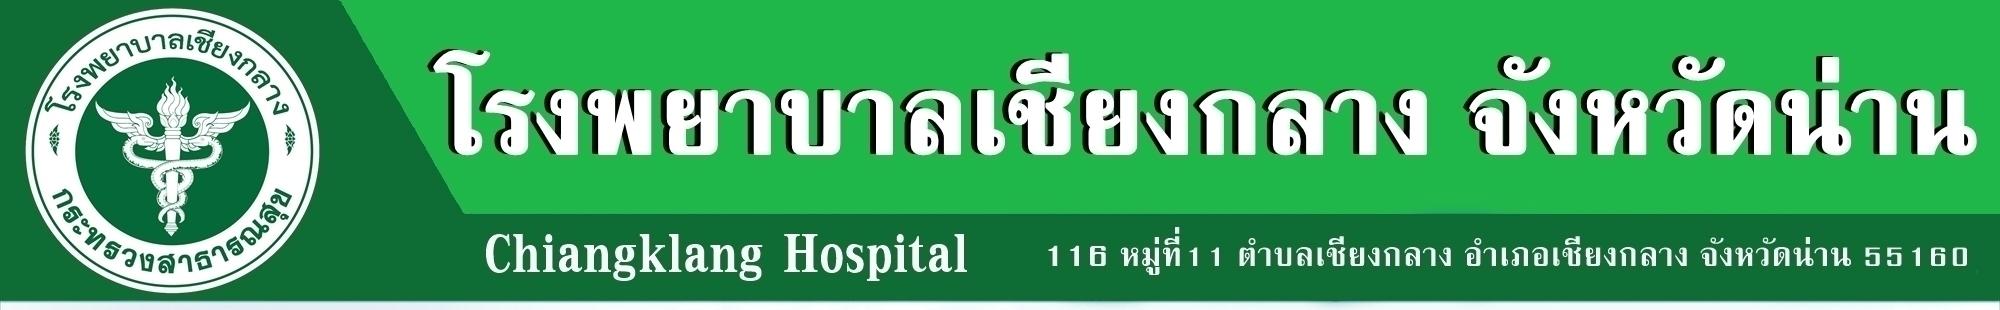 โรงพยาบาลเชียงกลาง  จังหวัดน่าน